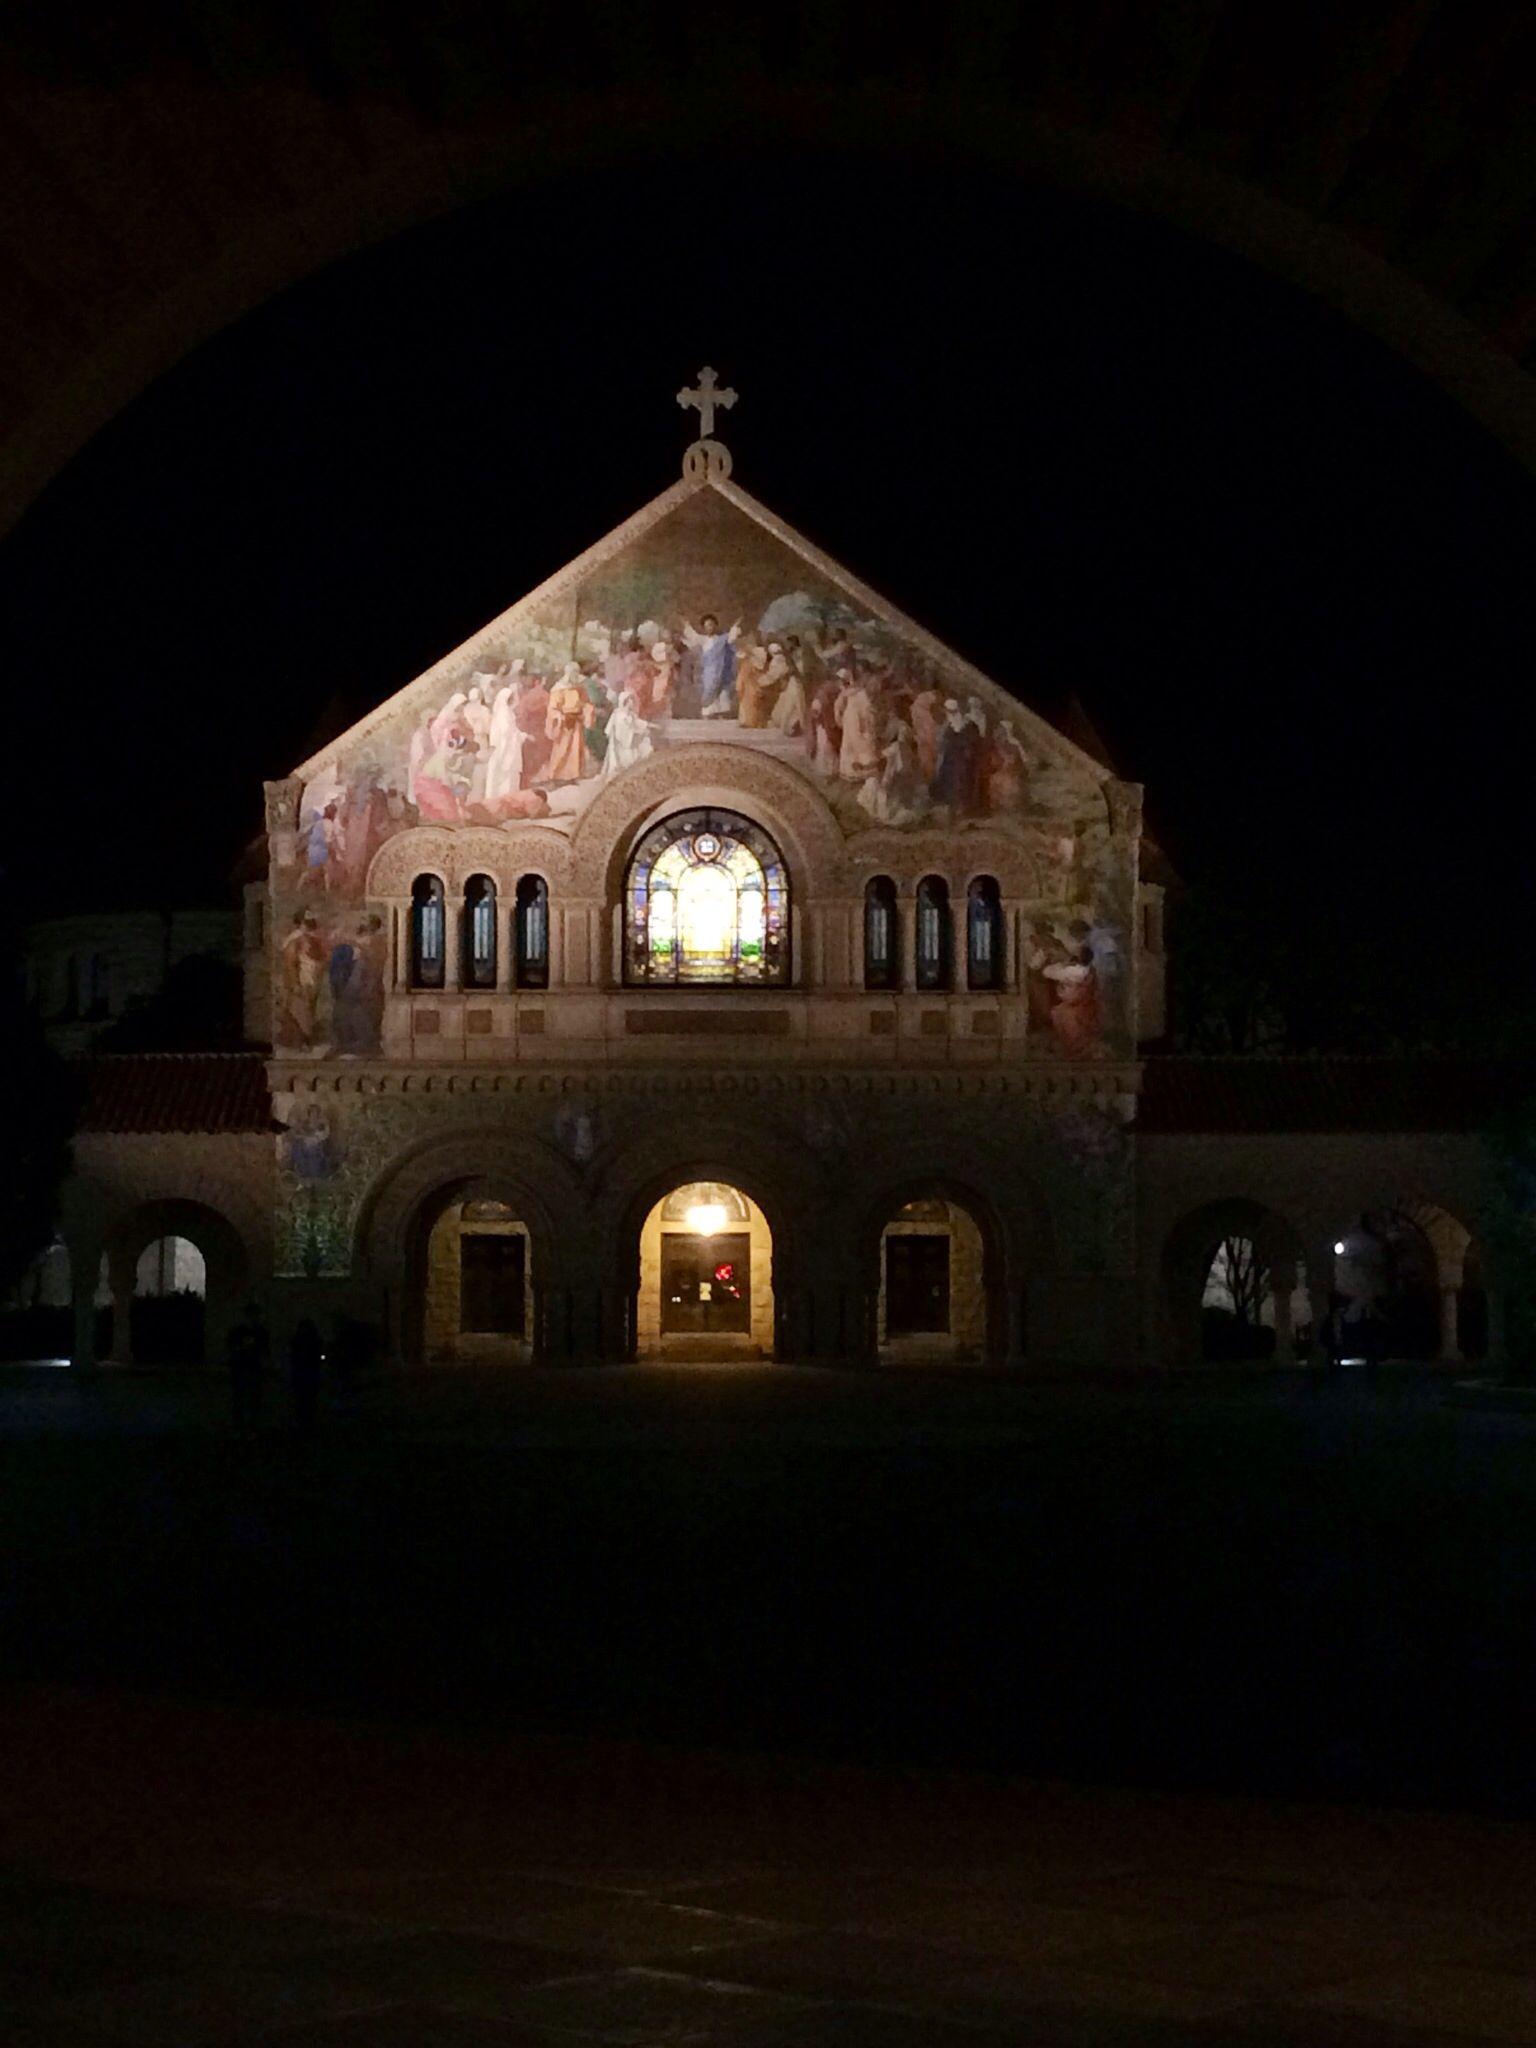 Memchu - Stanford, Palo Alto